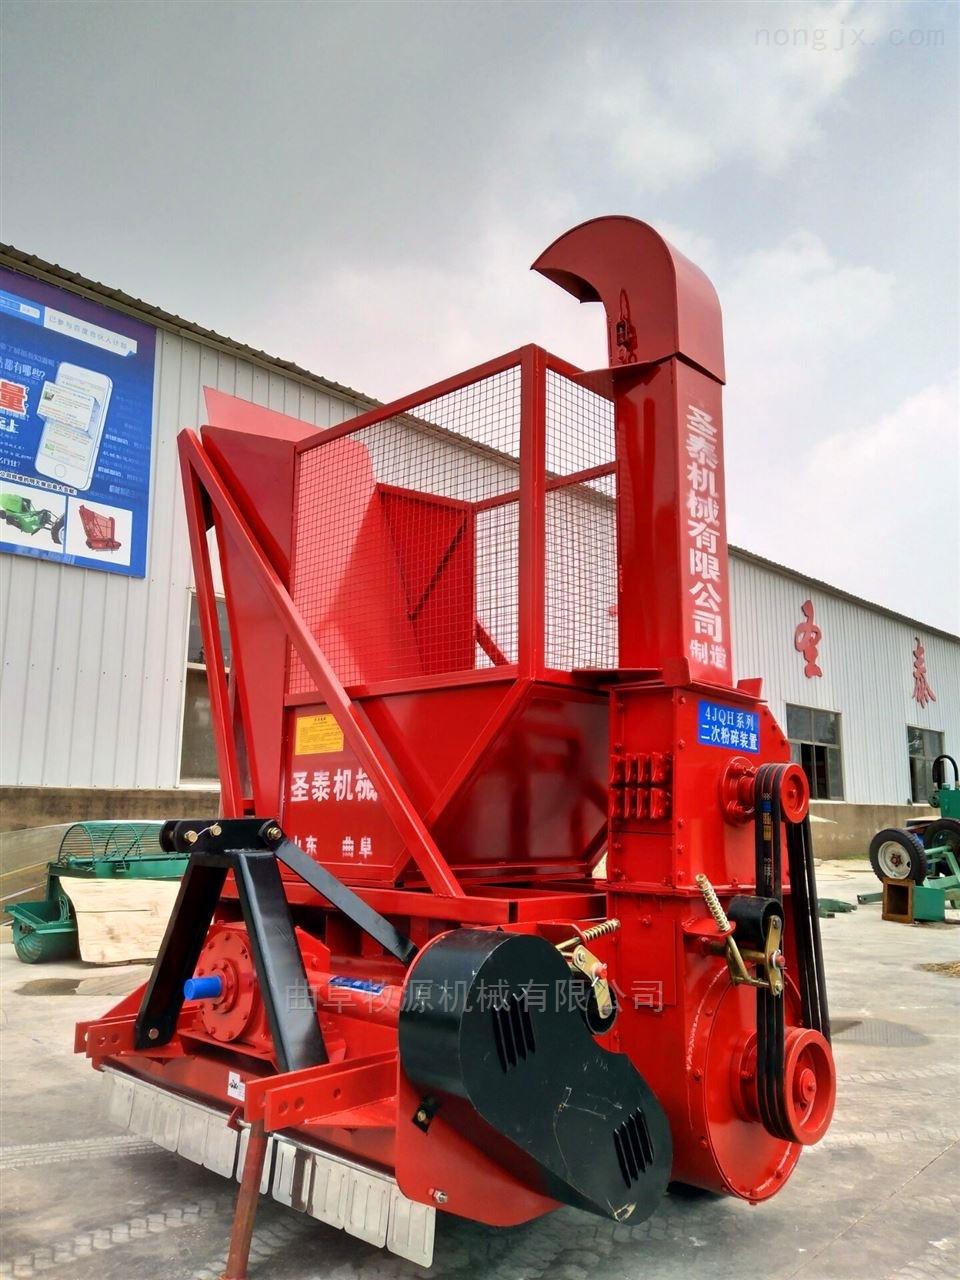 宜昌玉米秸秆粉碎回收机秸秆切碎收获机